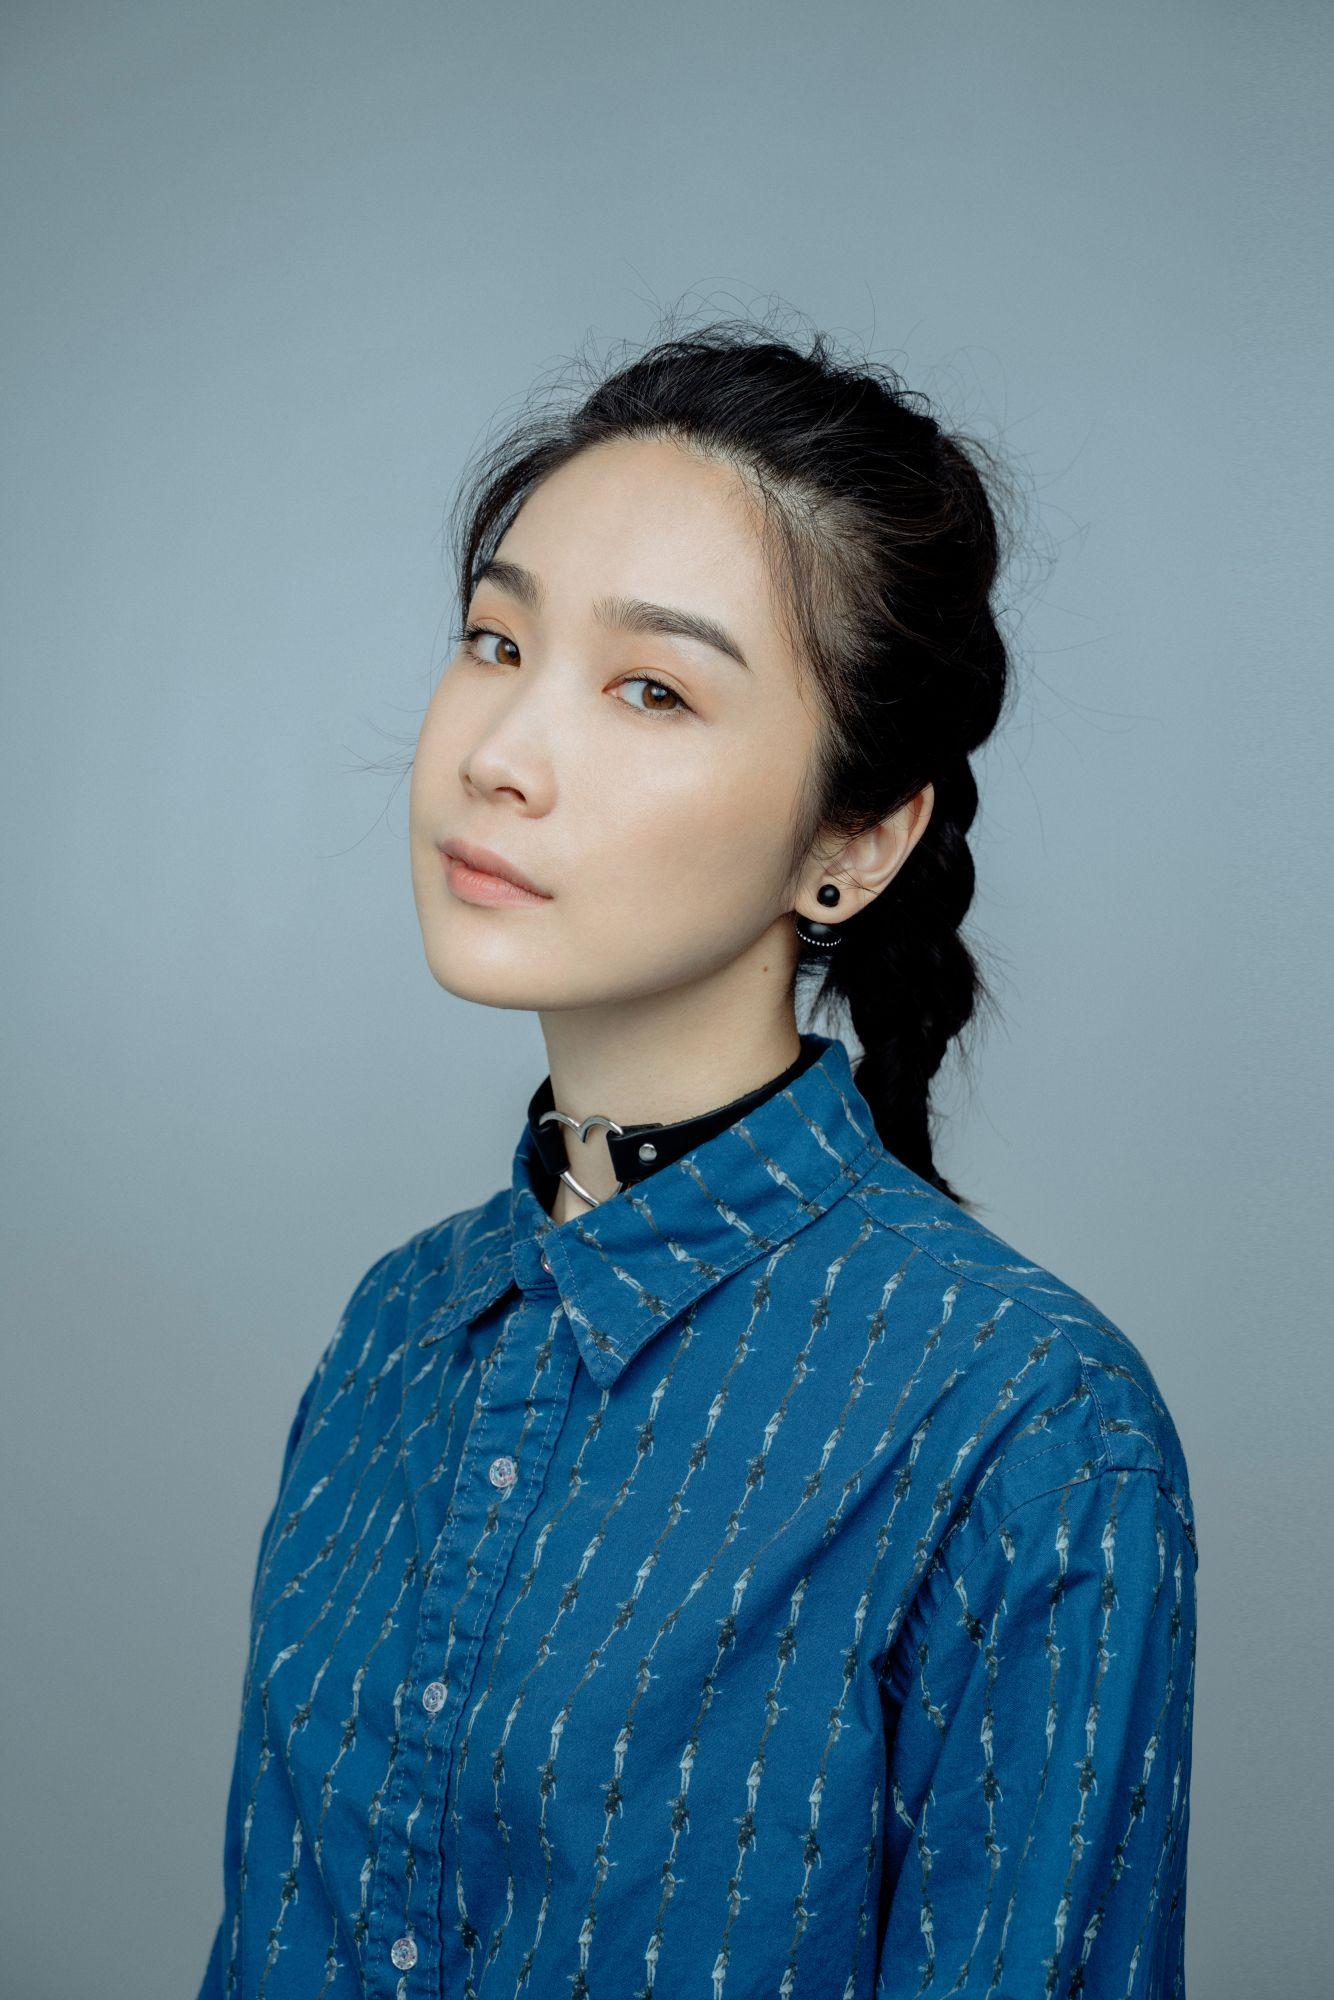 Huang Qiaoran